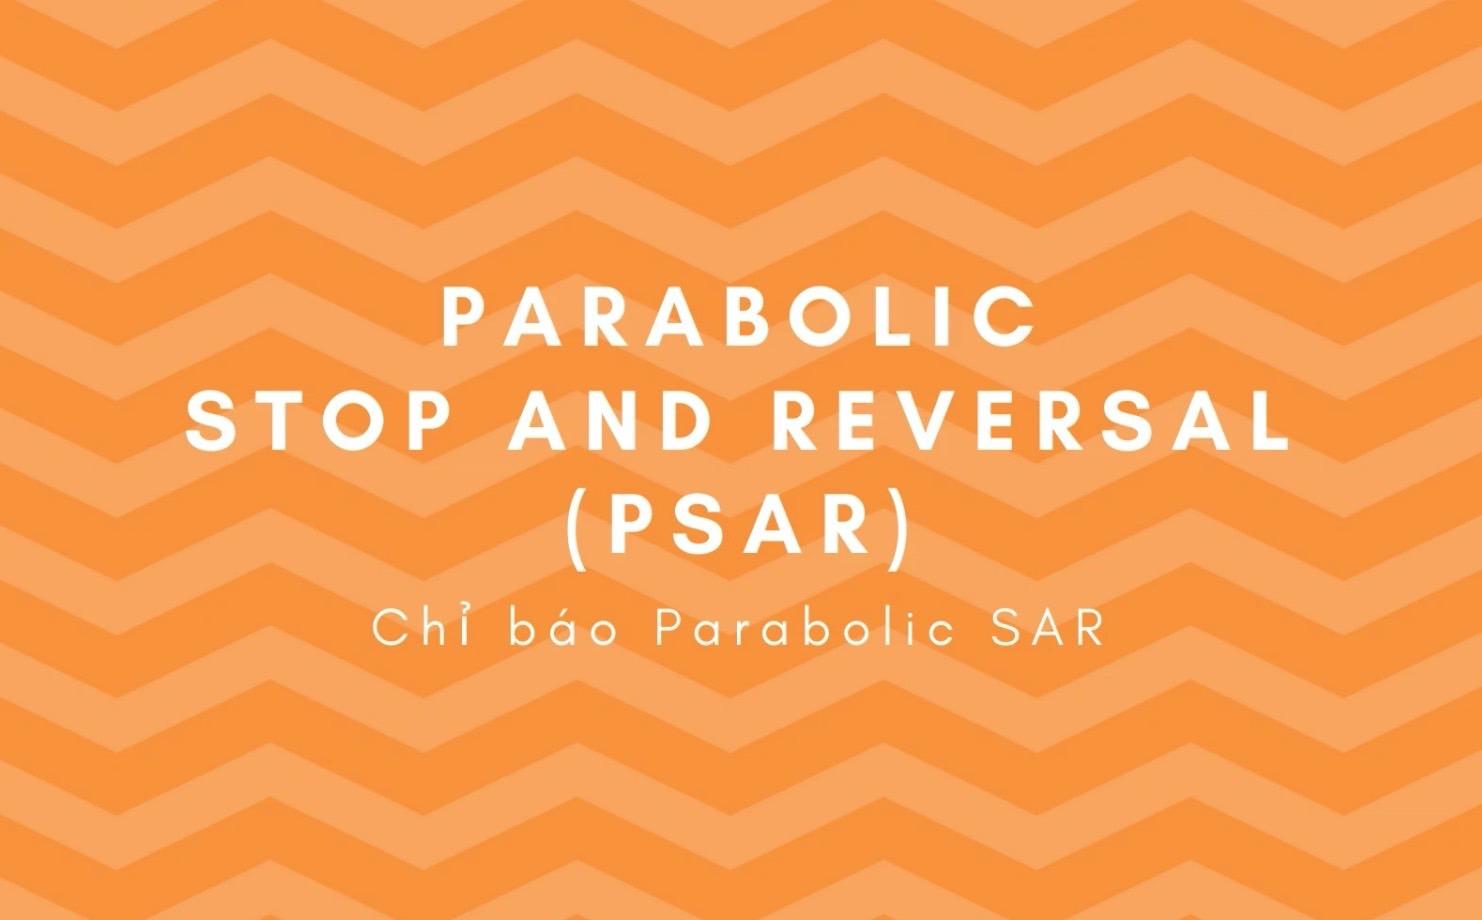 Chỉ báo PSAR - Parabolic SAR là gì? Cách sử dụng PSAR - Parabolic SAR